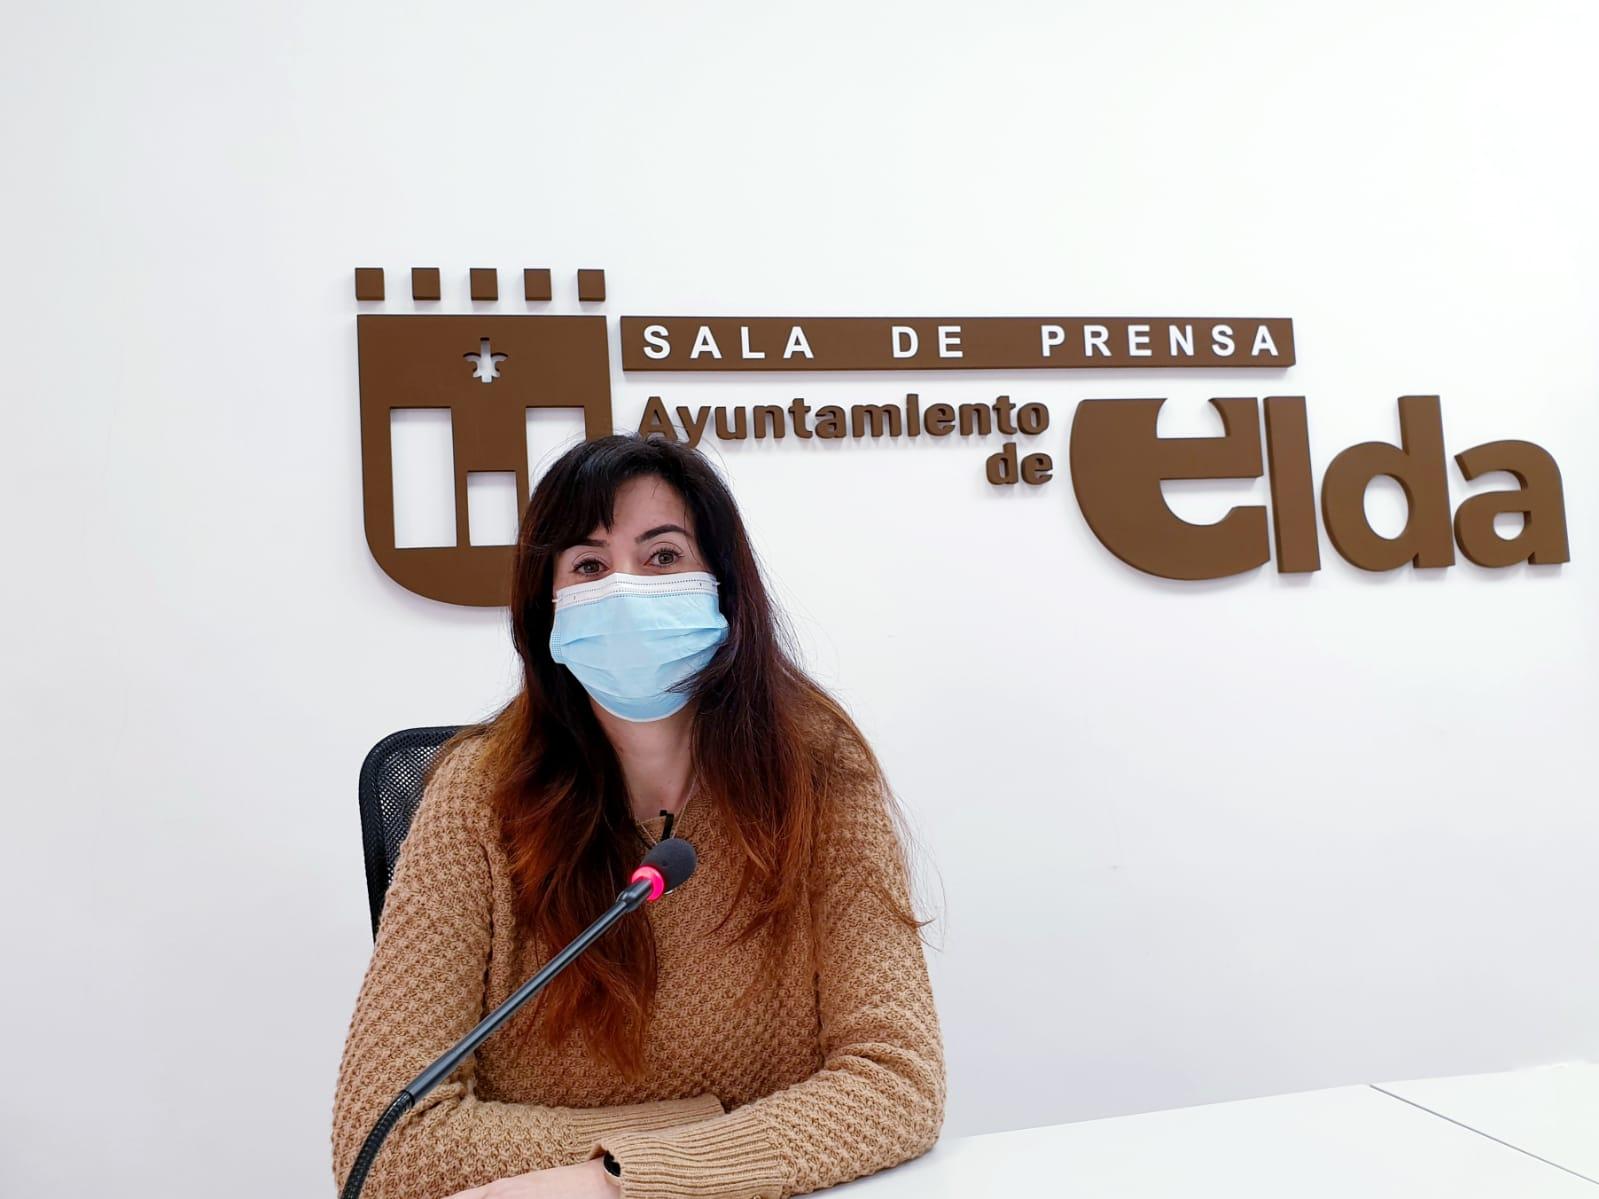 El Ayuntamiento de Elda destinará 1,2 millones de euros para el Servicio de Ayuda a Domicilio que atenderá a personas mayores, dependientes o con diversidad funcional